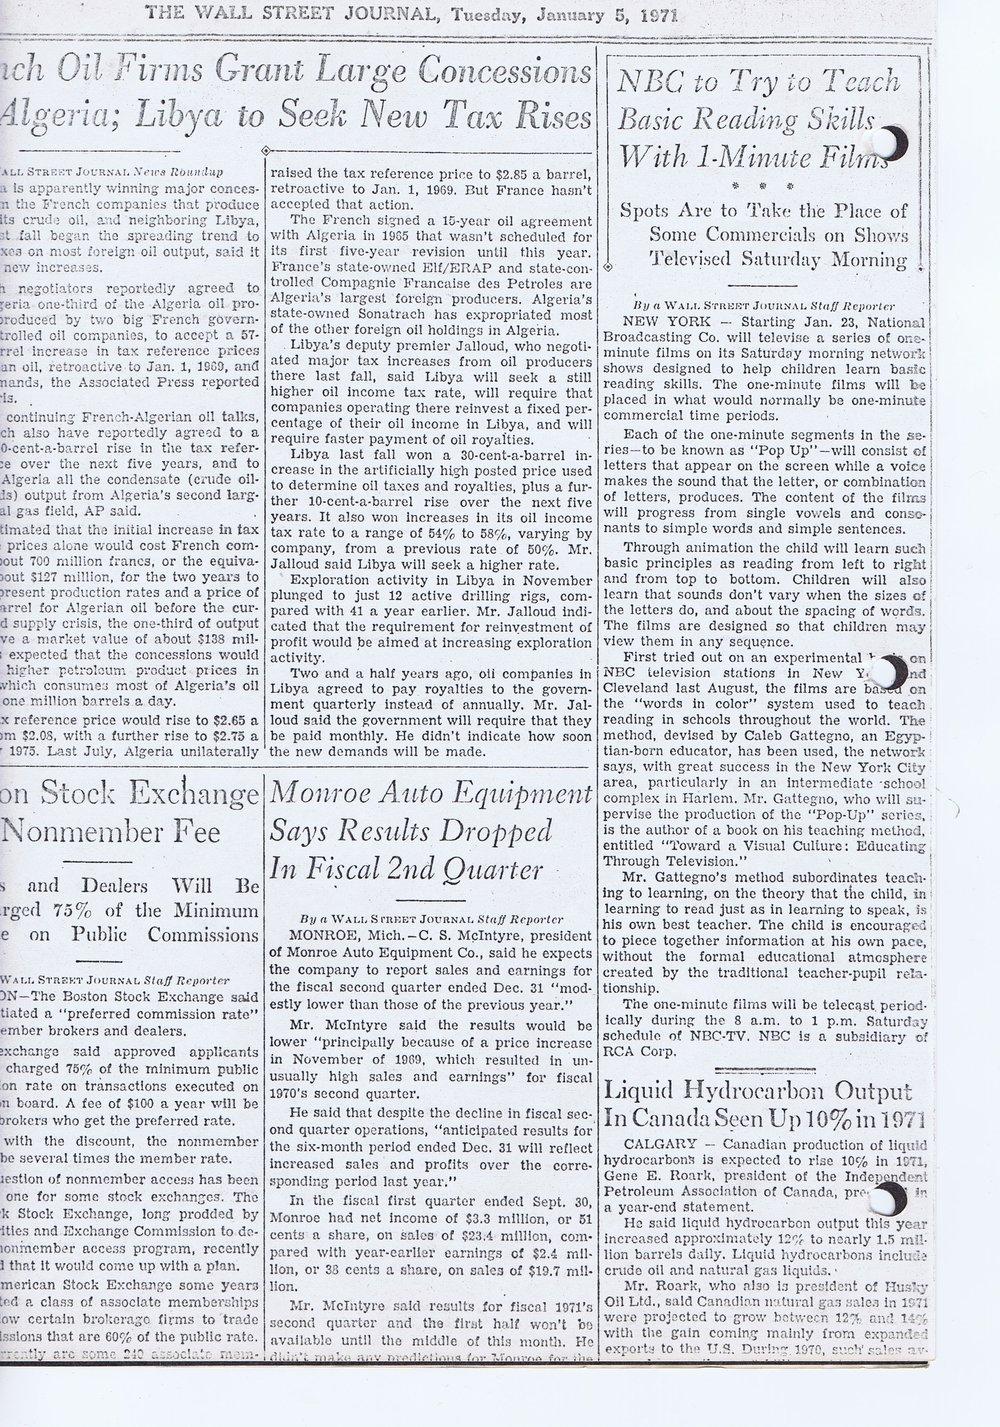 Wall Street Journal 1971.jpg